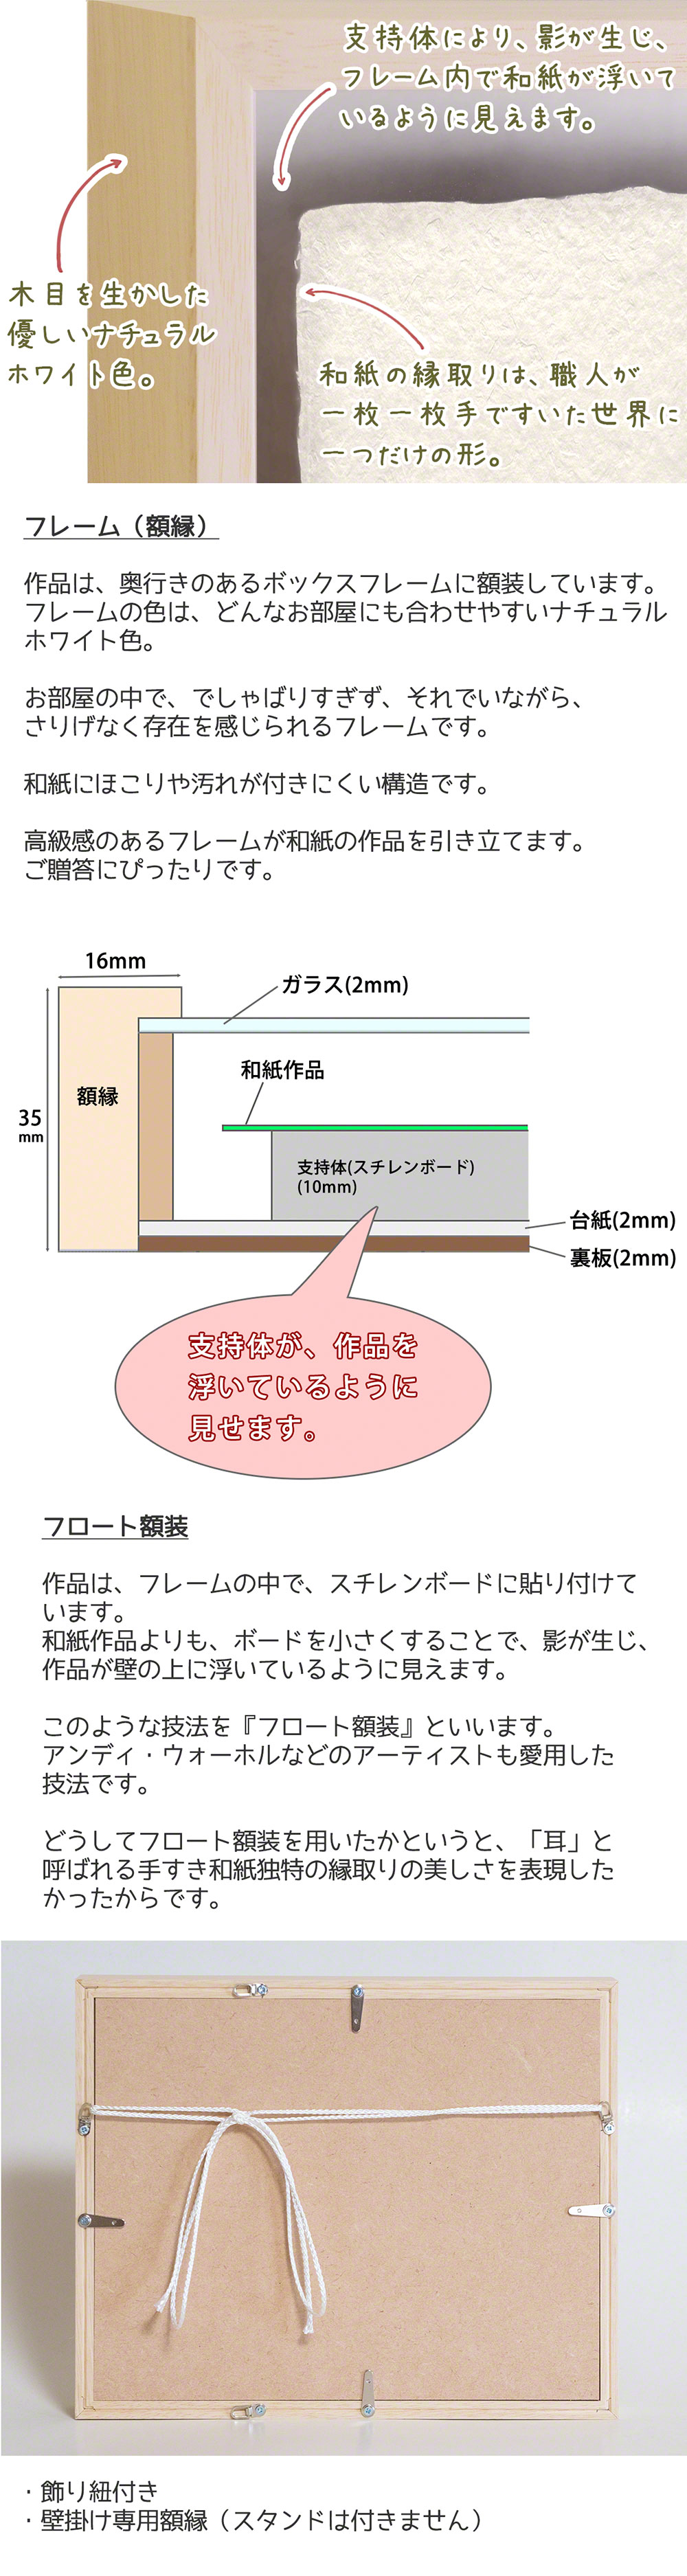 ボックスフレーム構造